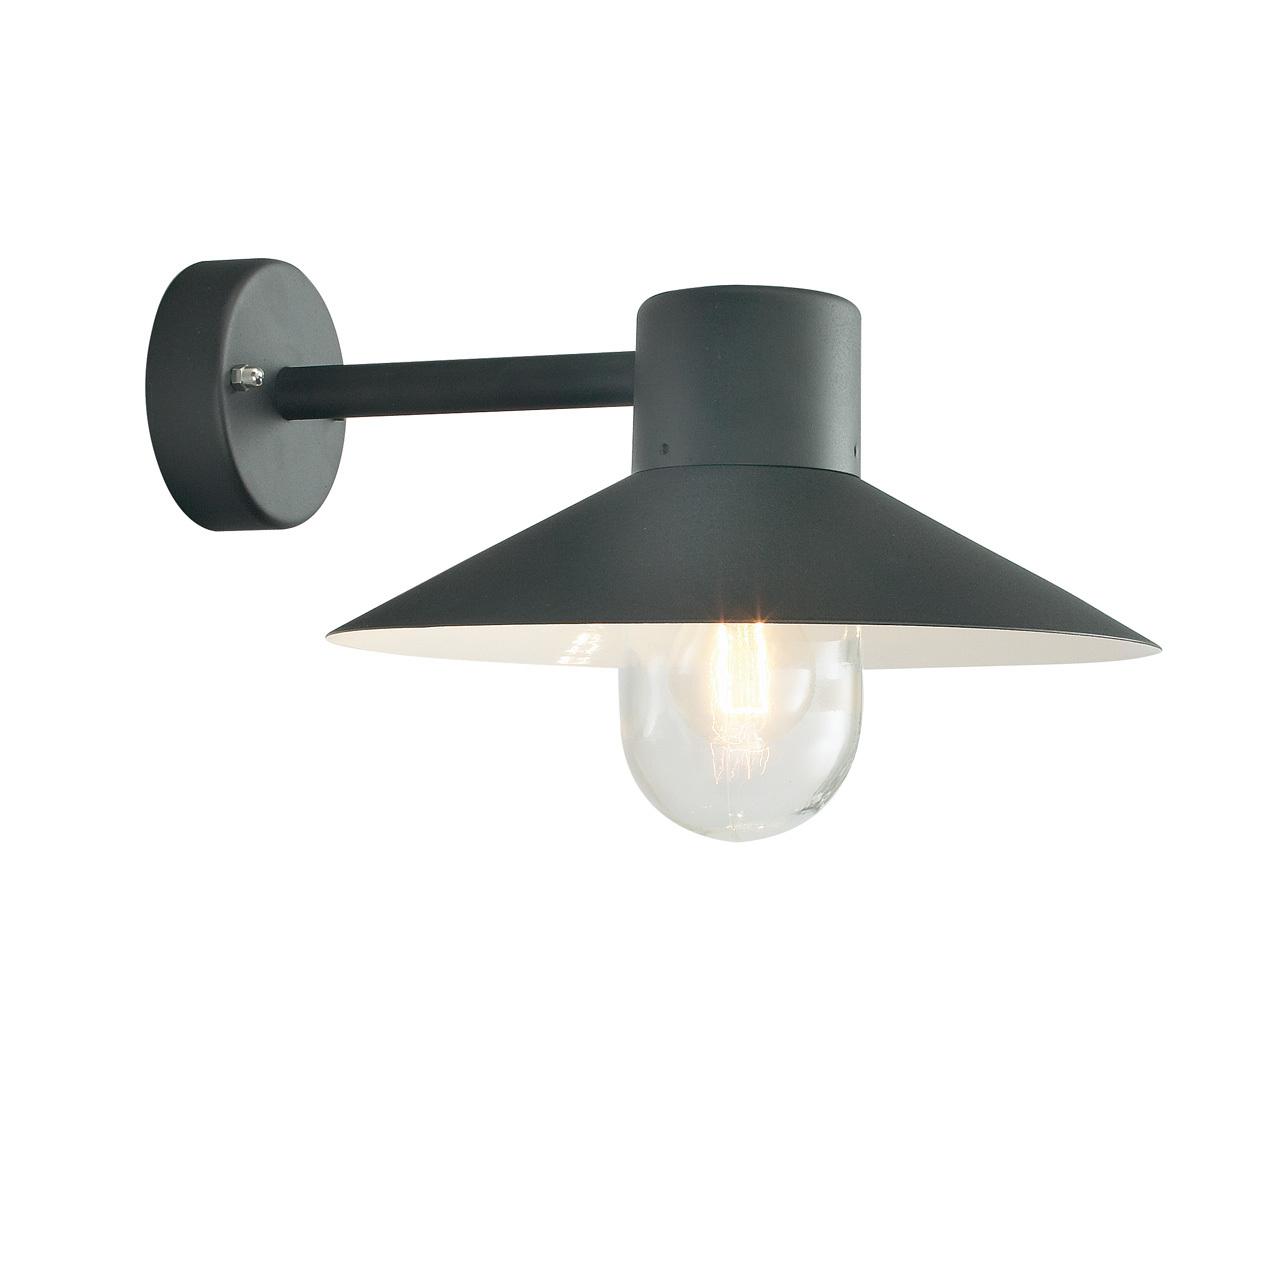 Lampa ścienna LUND 290B -Norlys  SPRAWDŹ RABATY  5-10-15-20 % w koszyku